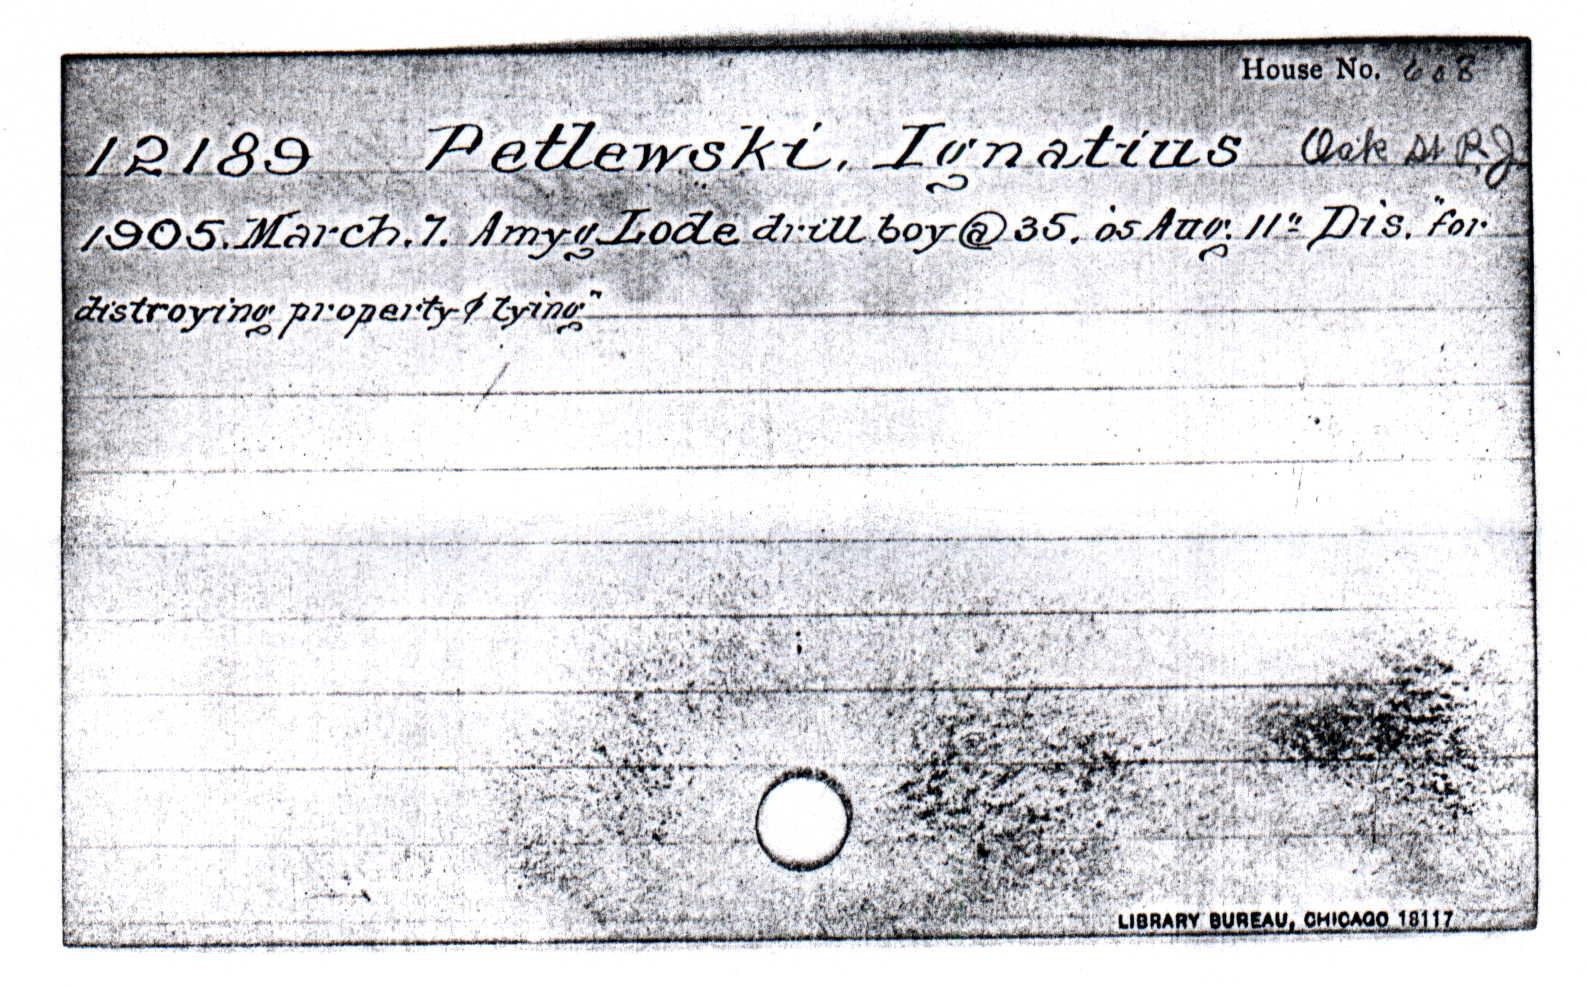 Ignatius Pytlewski's C & H Record